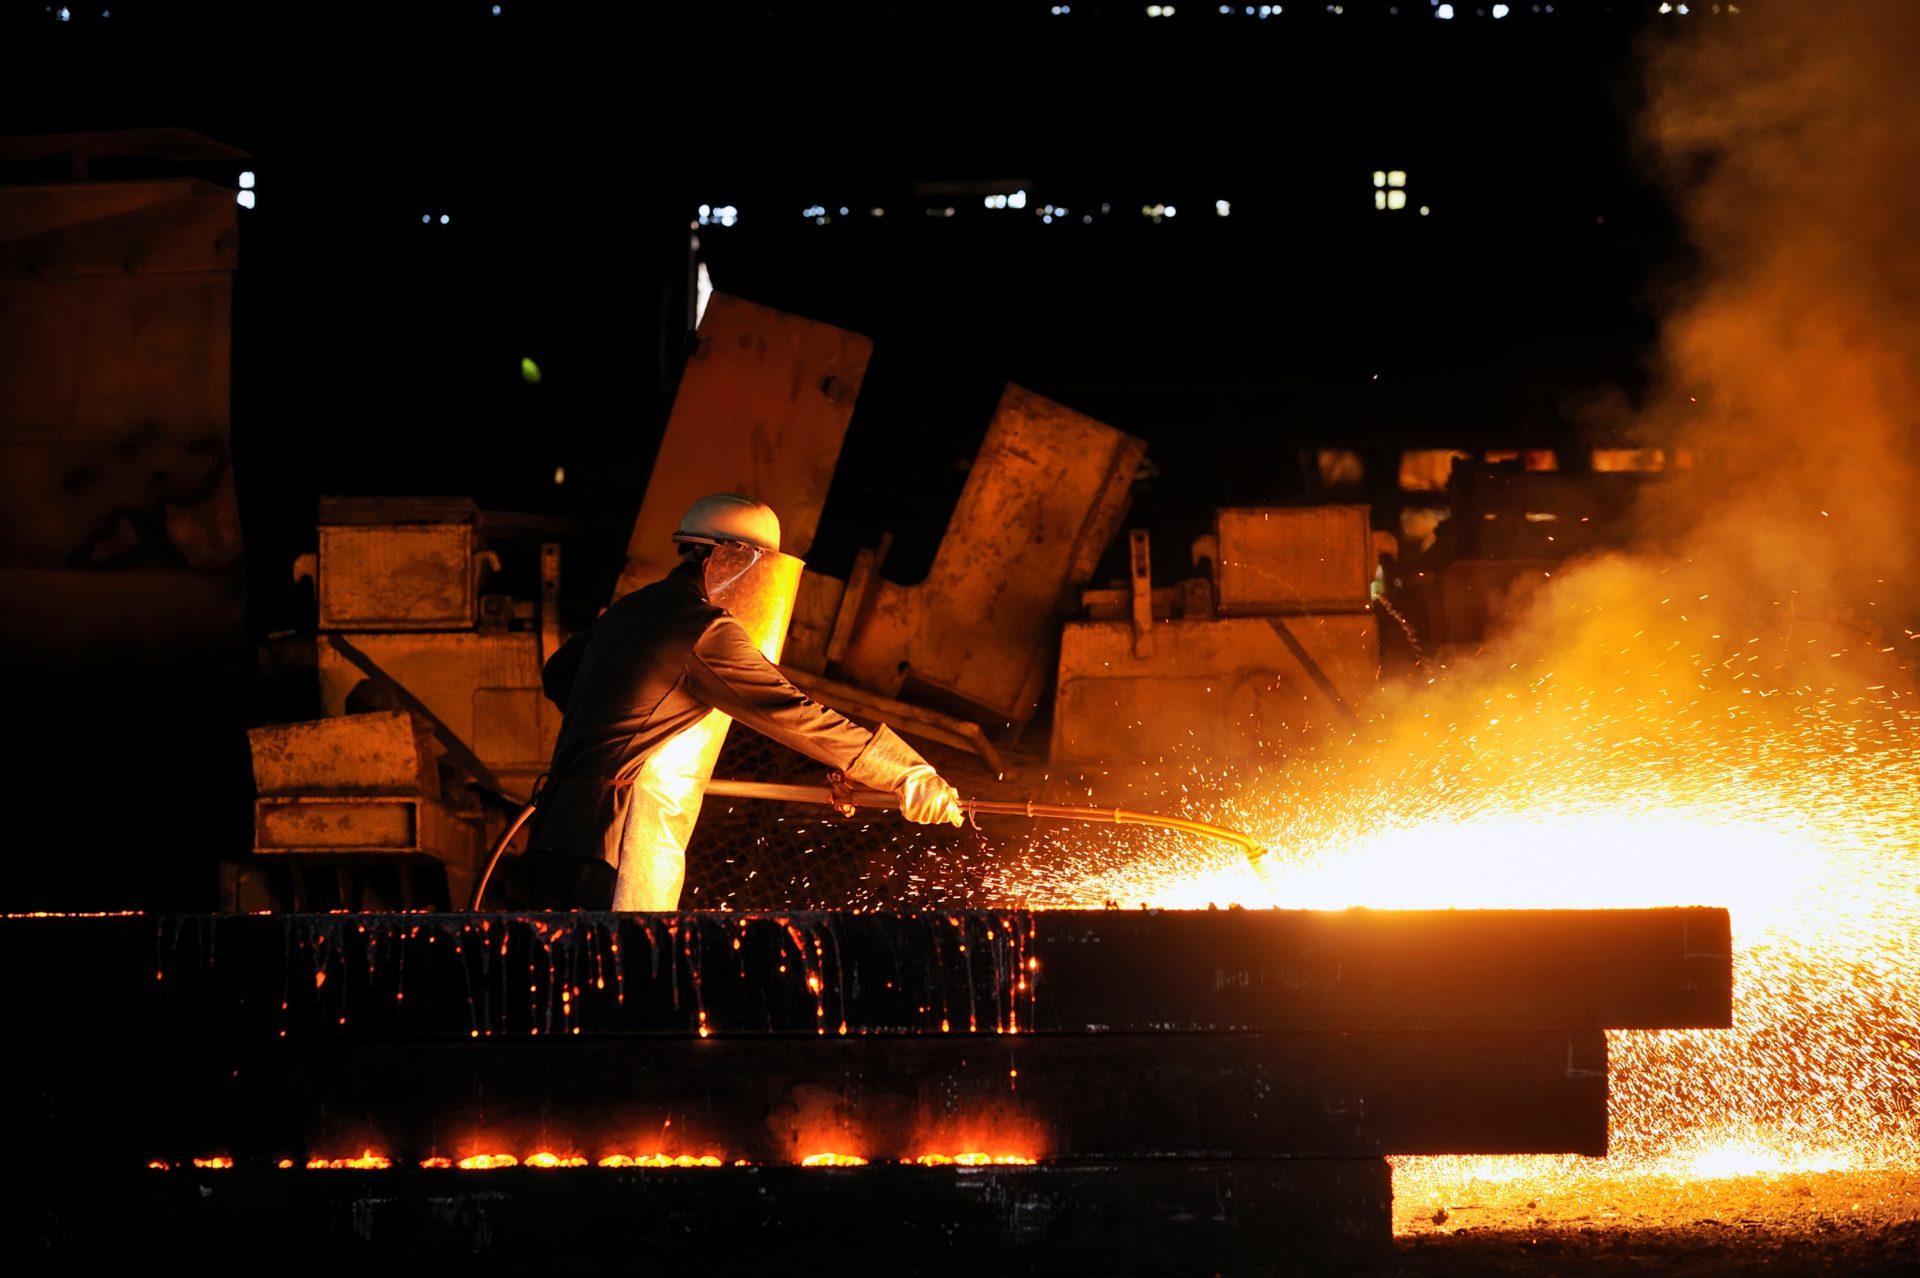 Ocelářská unie nesouhlasí splošným zavíráním průmyslu. Ocelářské provozy nejsou semeništěm nákazy.